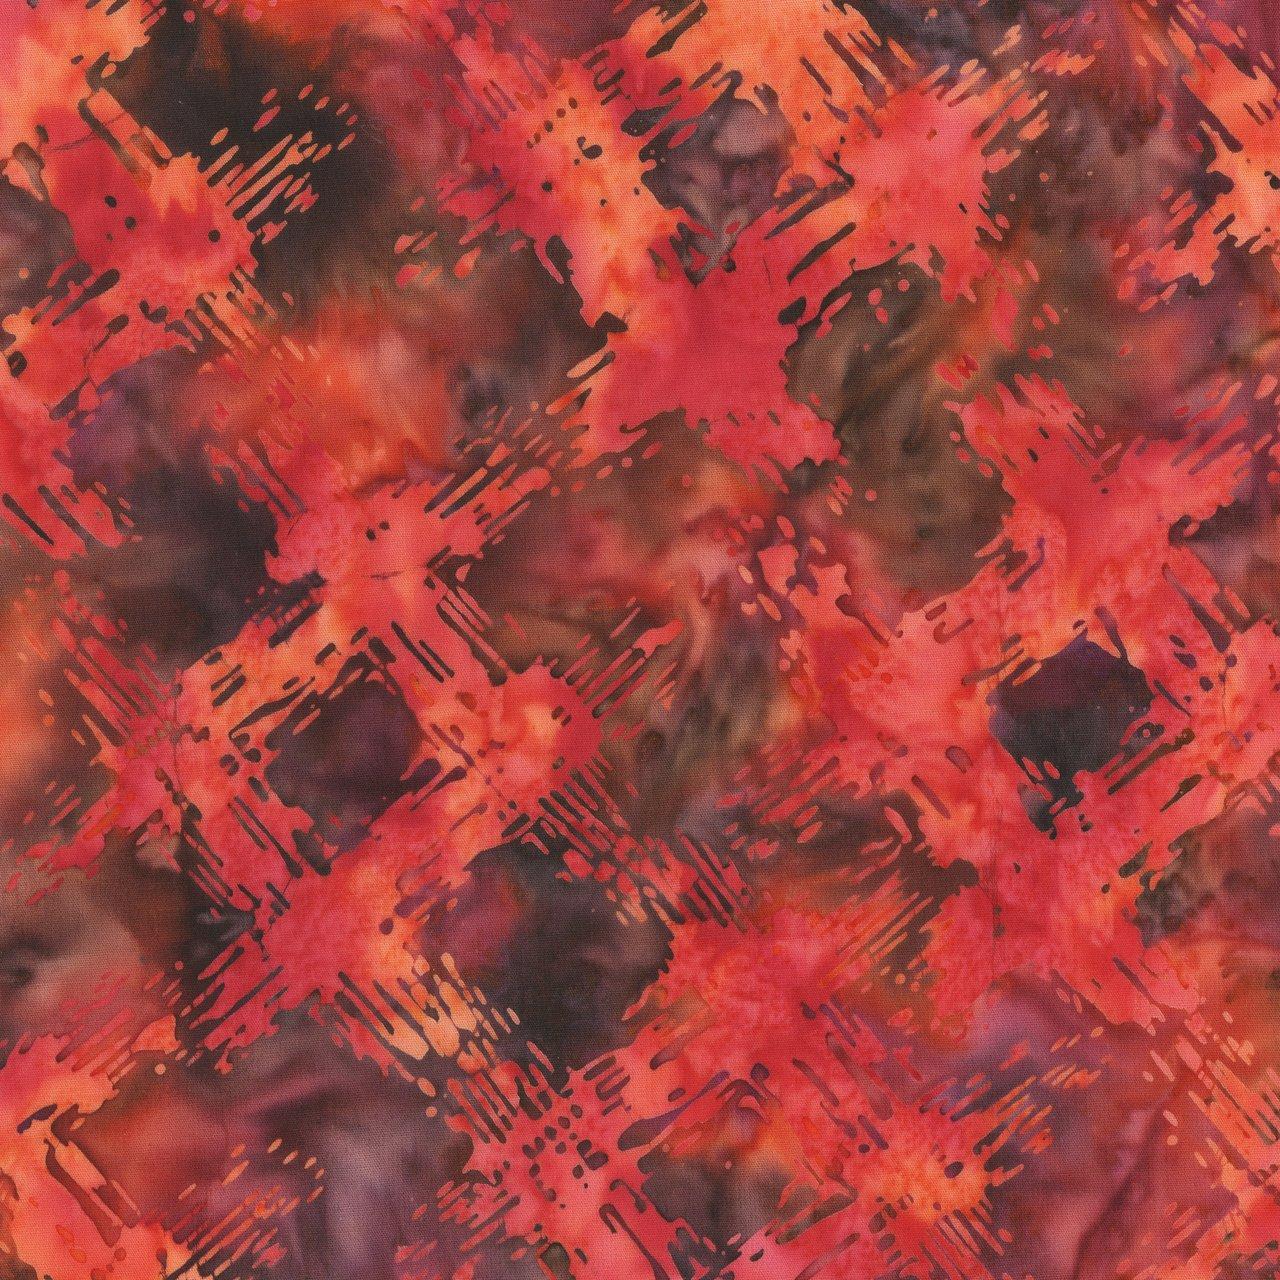 Batik-Mad About Plaid-Passion